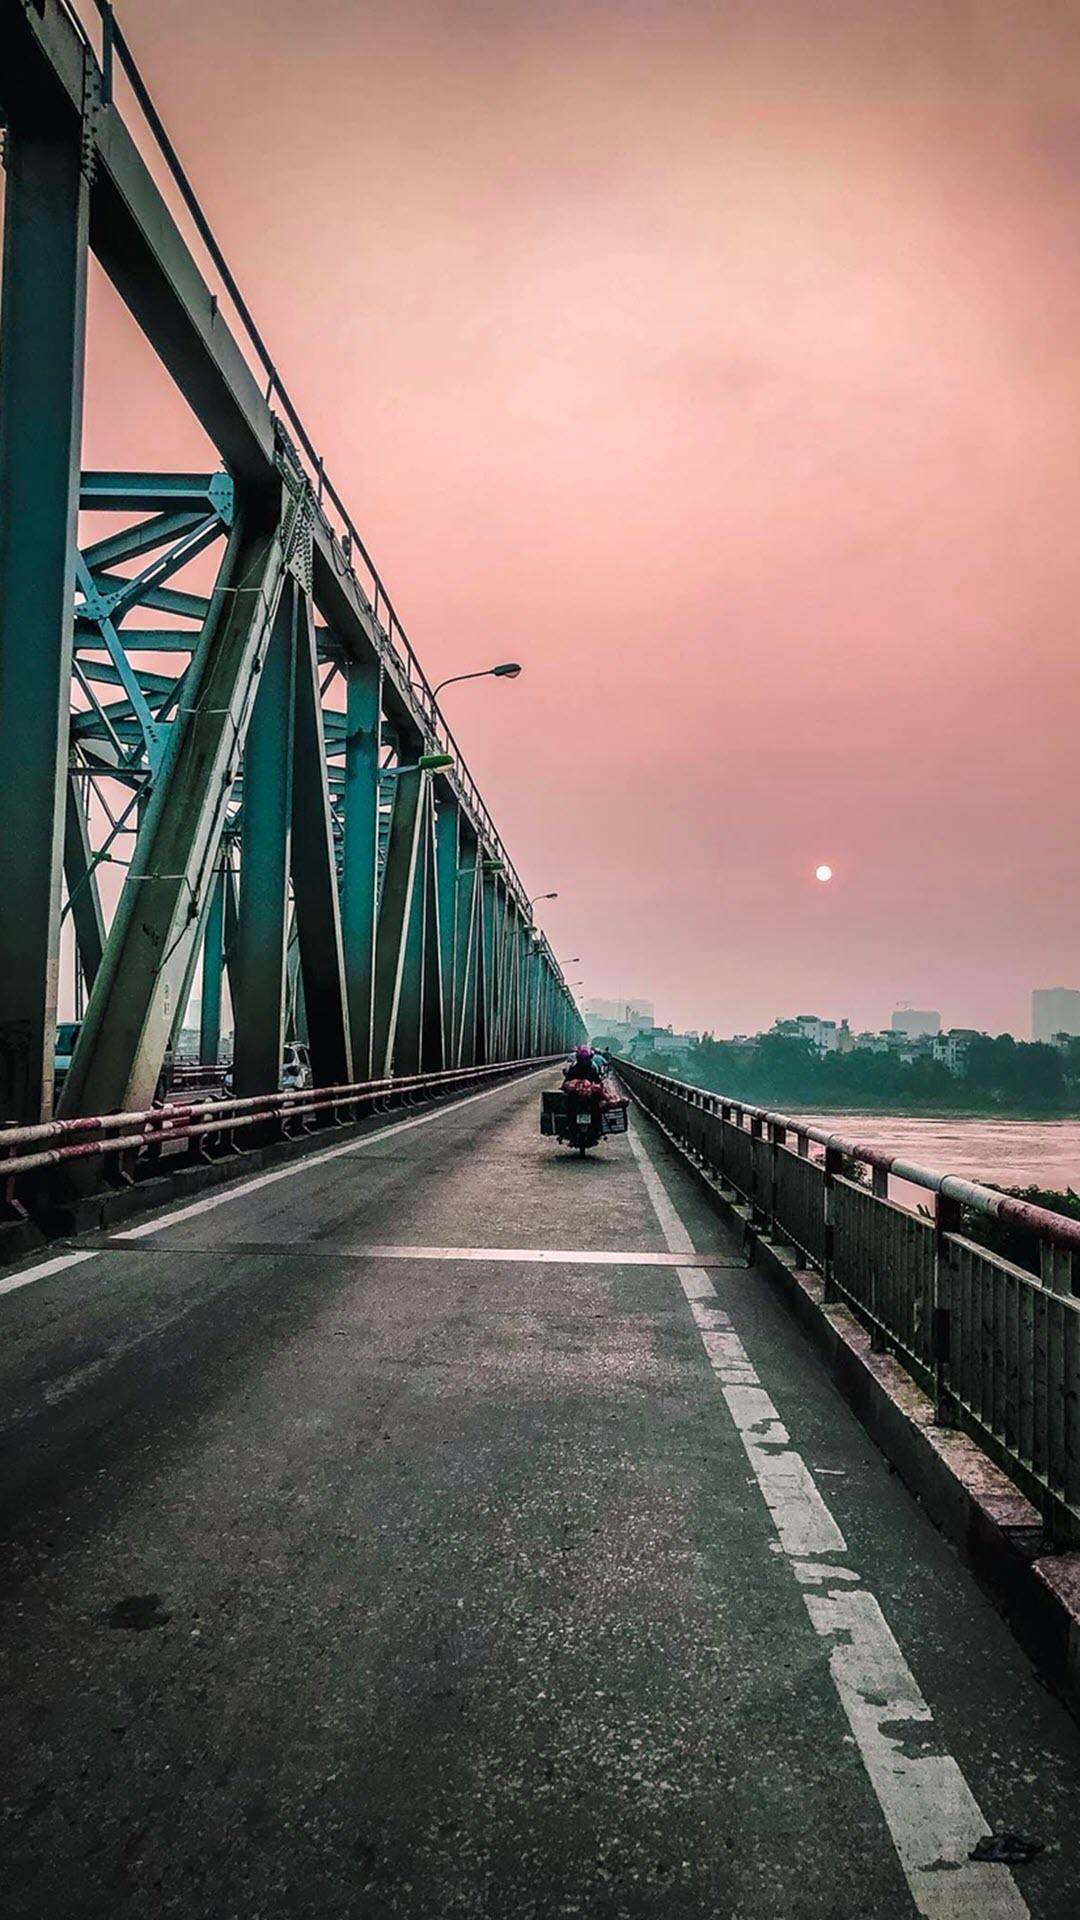 Ảnh nền cầu Long Biên Hà Nội